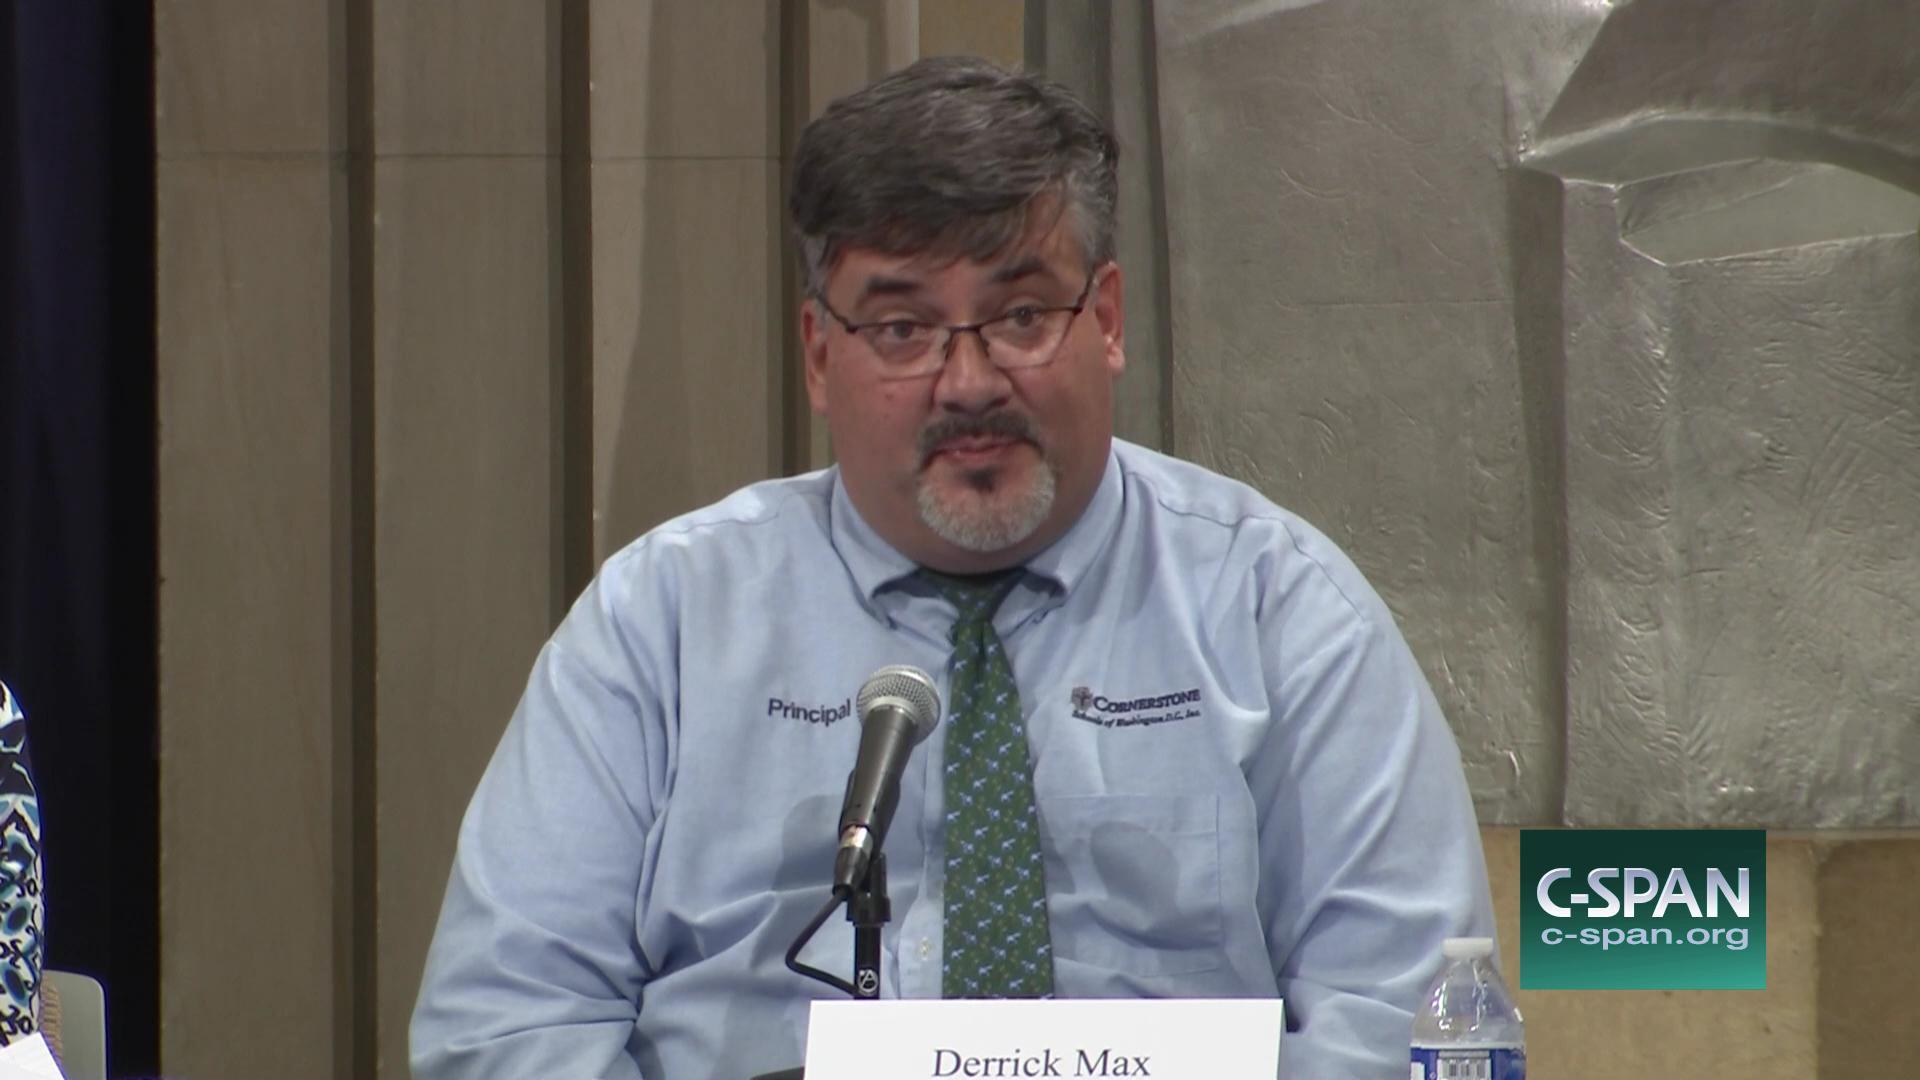 Principal Max at Department of Justice